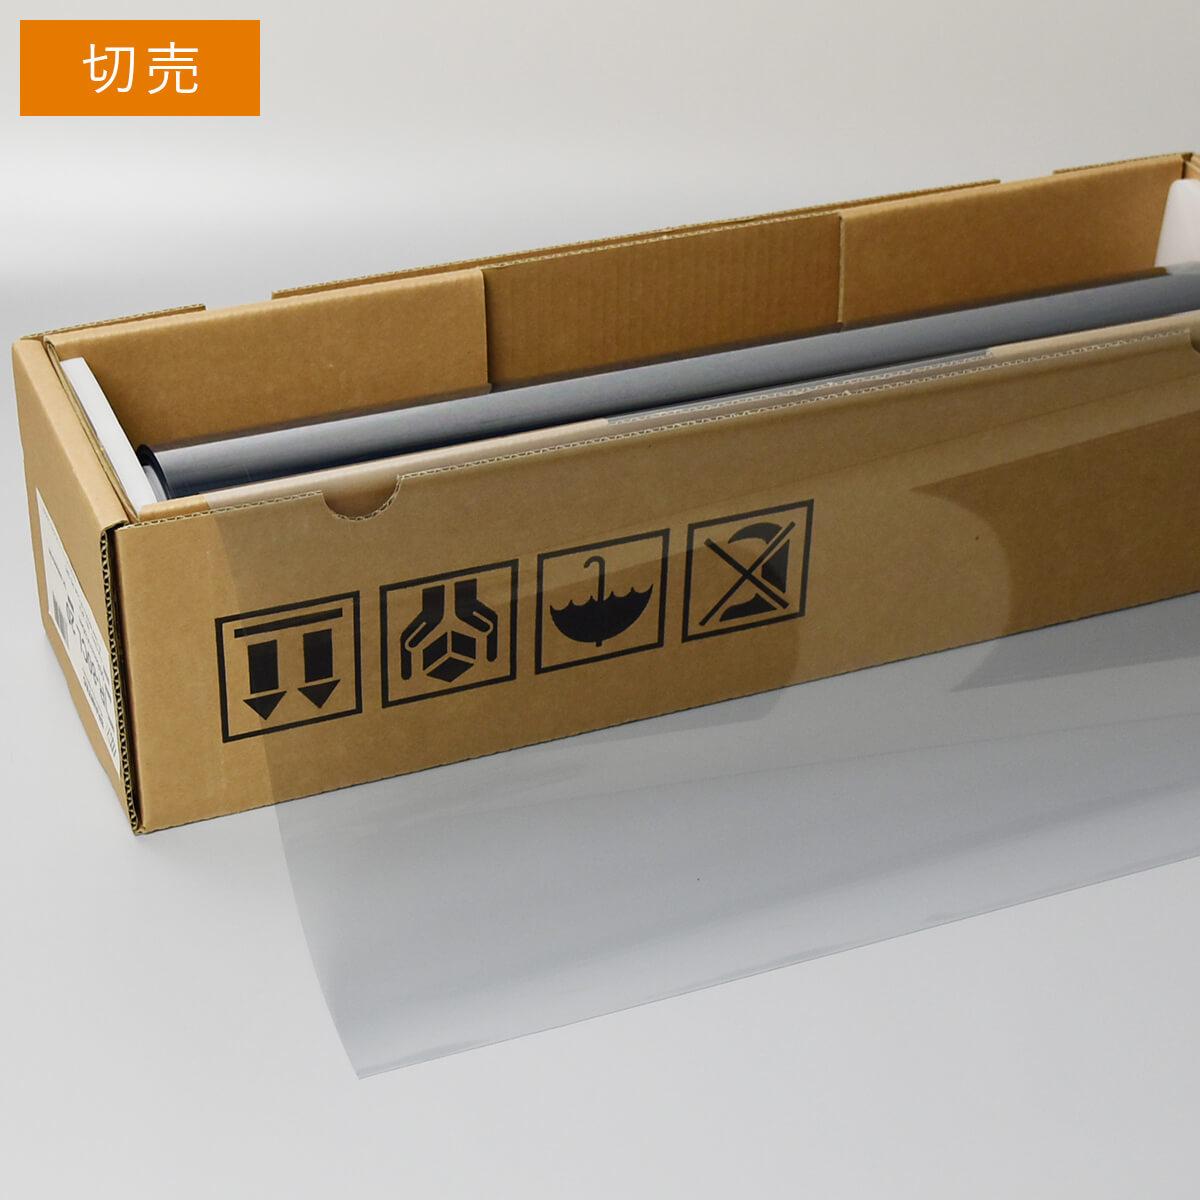 カーフィルム 窓ガラスフィルム IR透明断熱80(79%) 1m幅×長さ1m単位切売 飛散防止フィルム 遮熱フィルム 断熱フィルム UVカットフィルム ブレインテック Braintec